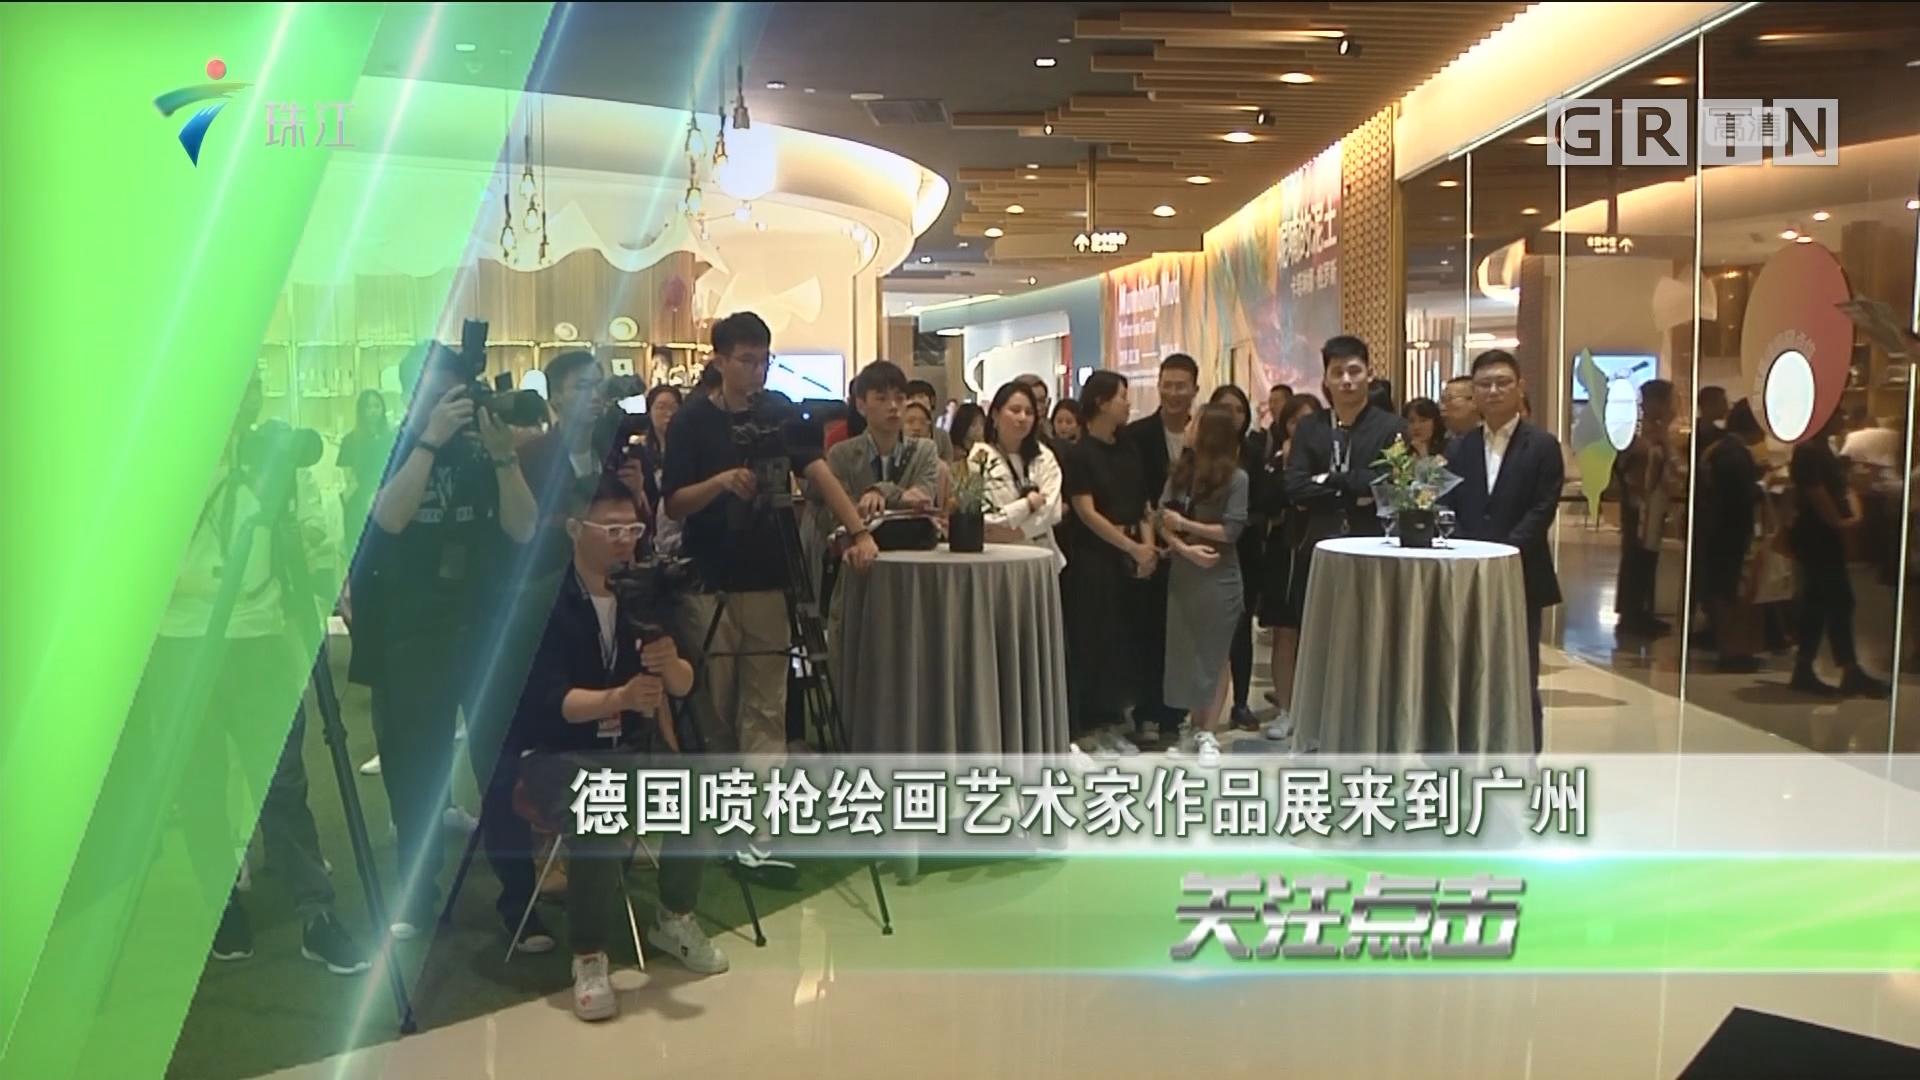 德国喷枪绘画艺术家作品展来到广州